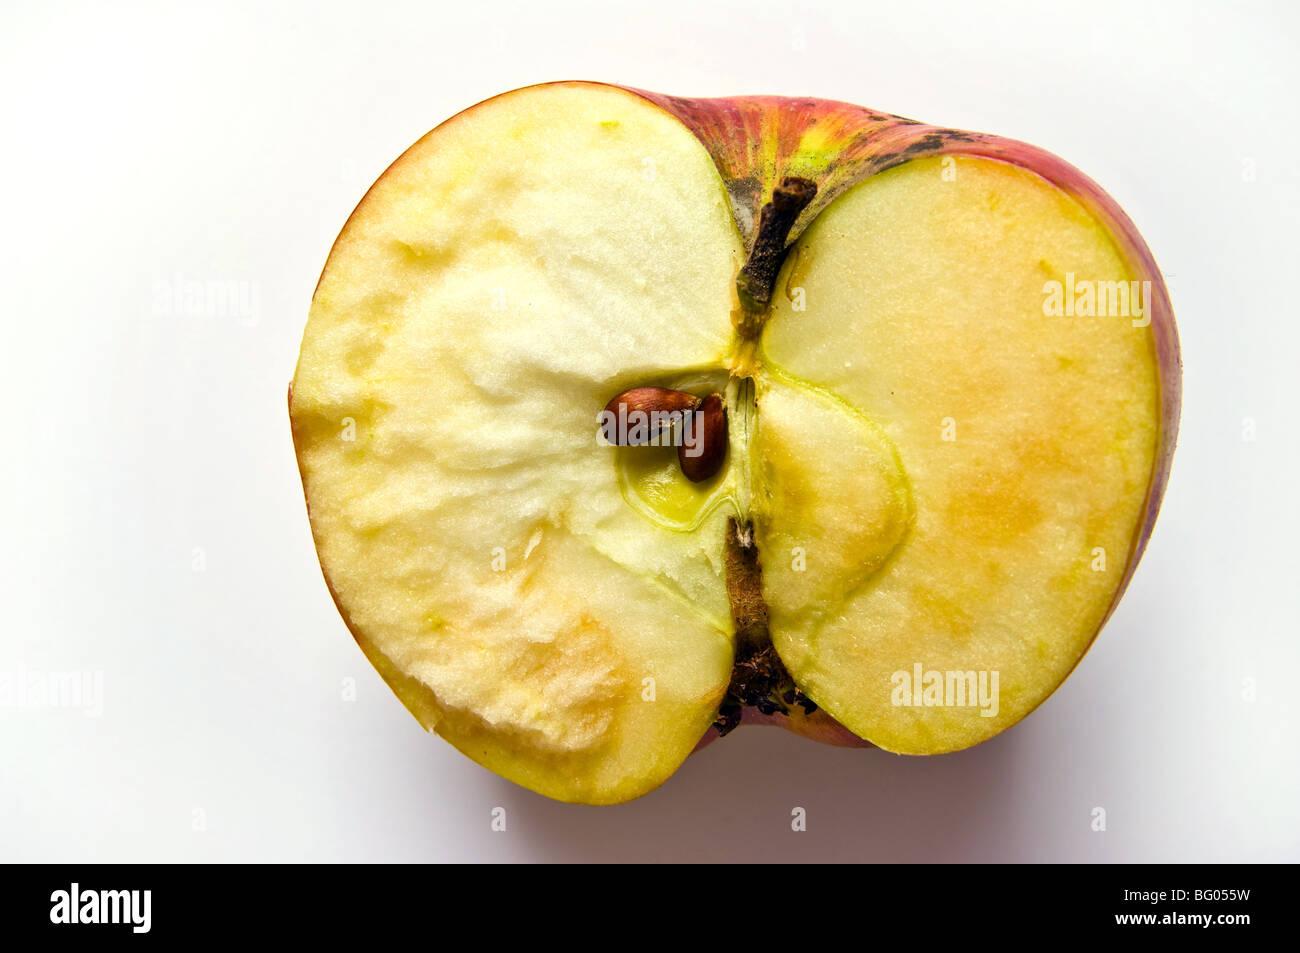 broken apple - Stock Image